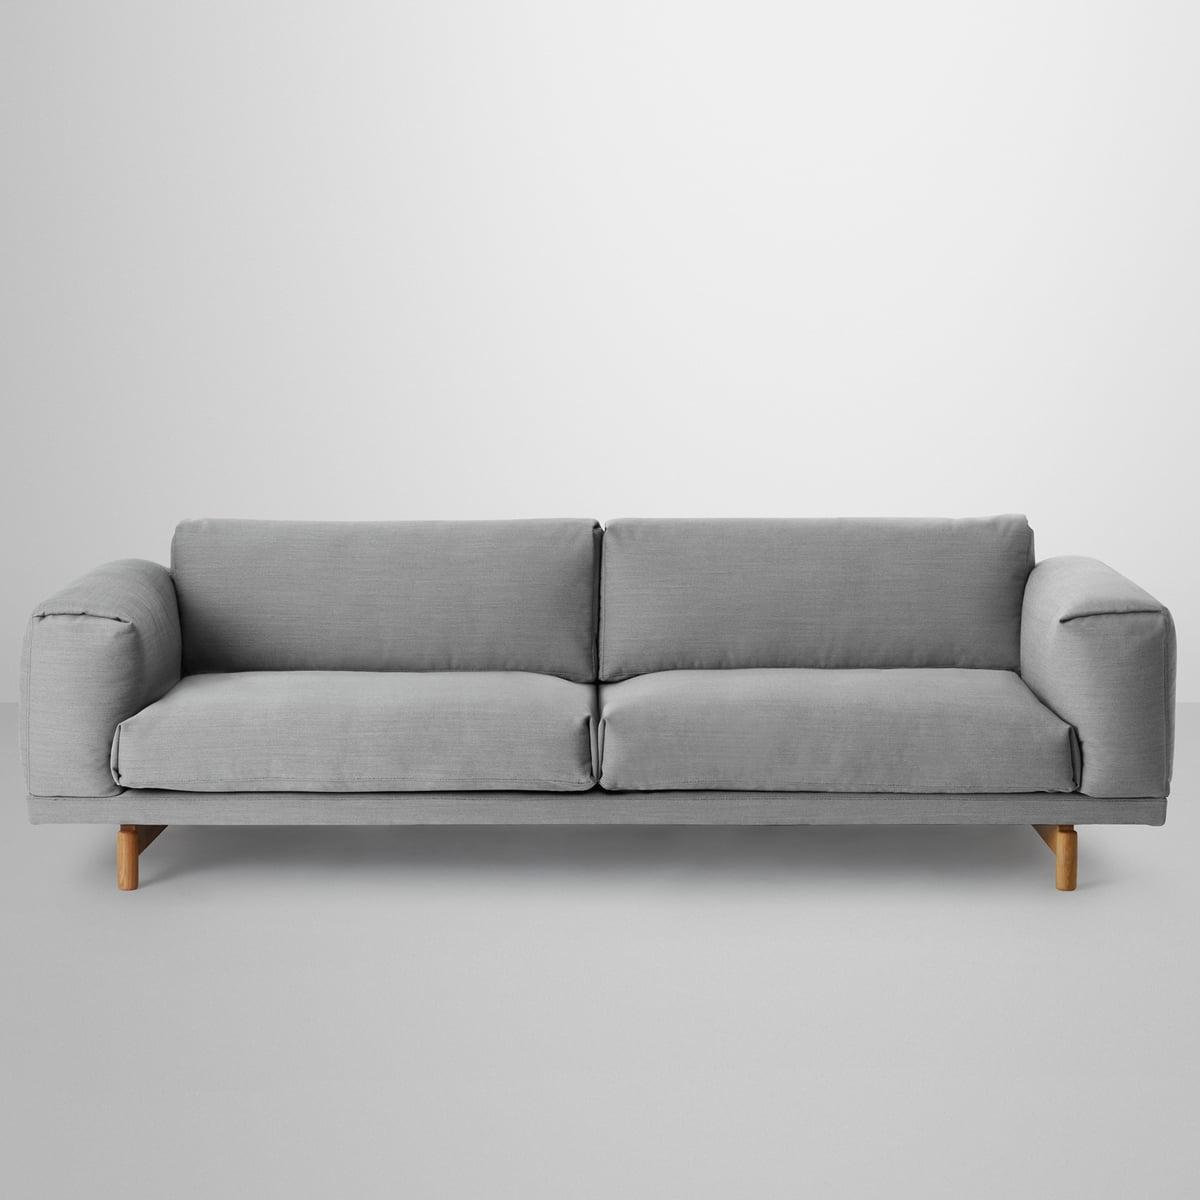 Full Size of 3er Sofa Luxus Englisches Kleines Stoff Grau Mit Elektrischer Sitztiefenverstellung Blau Kare Canape Togo Cassina Relaxfunktion Elektrisch Bettkasten Inhofer Sofa 3er Sofa